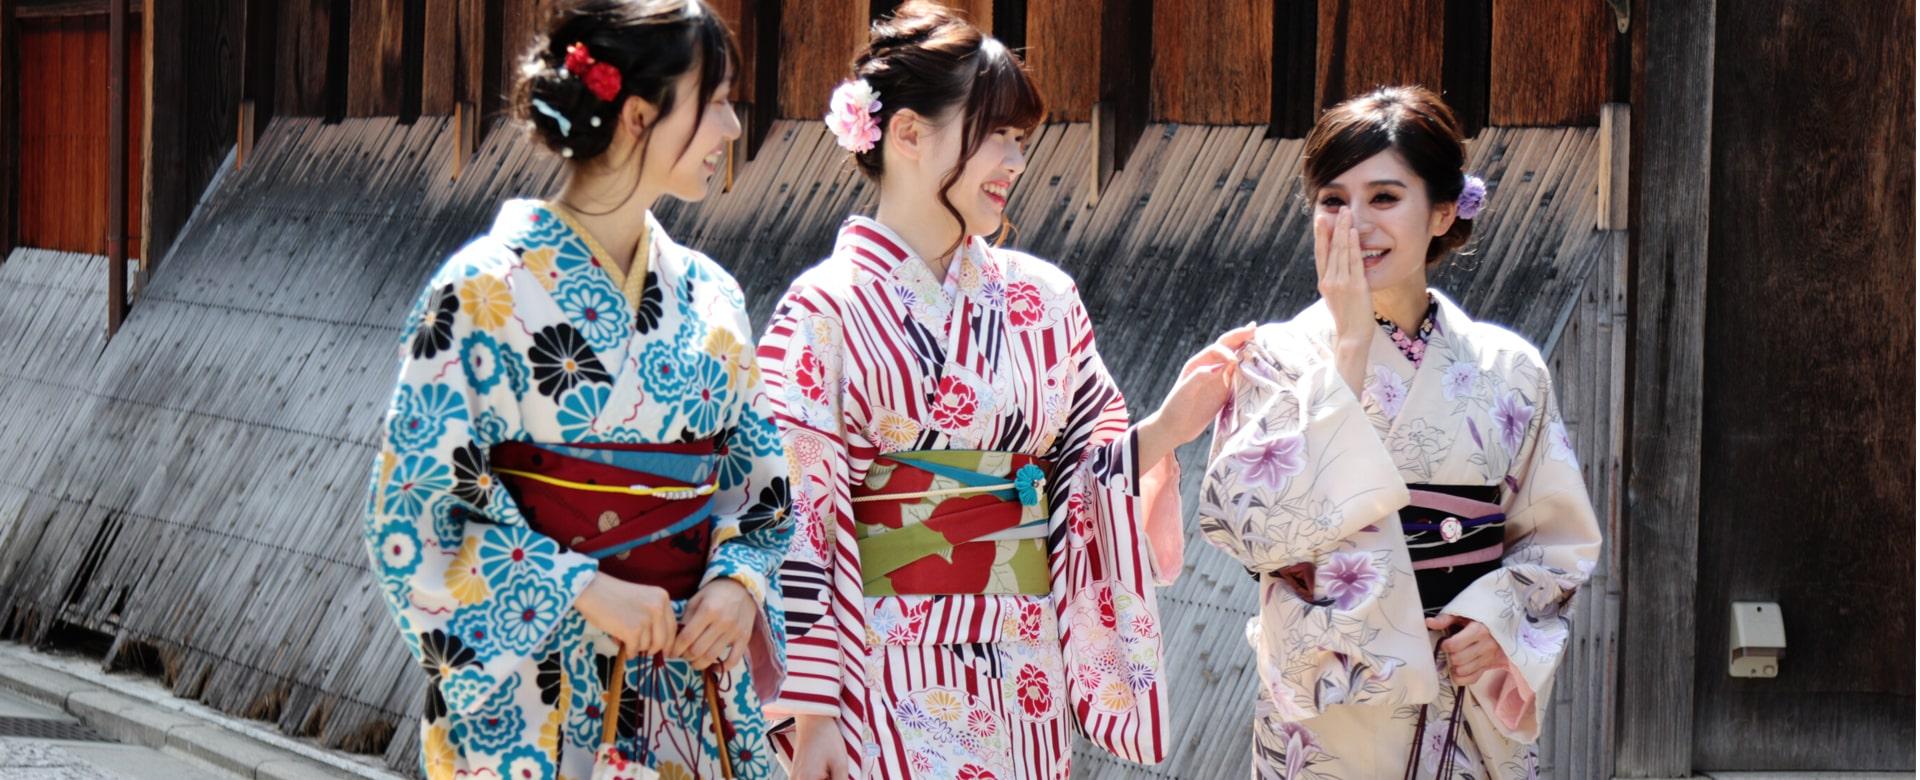 ハイグレード着物を着て京都を観光する3人の女性